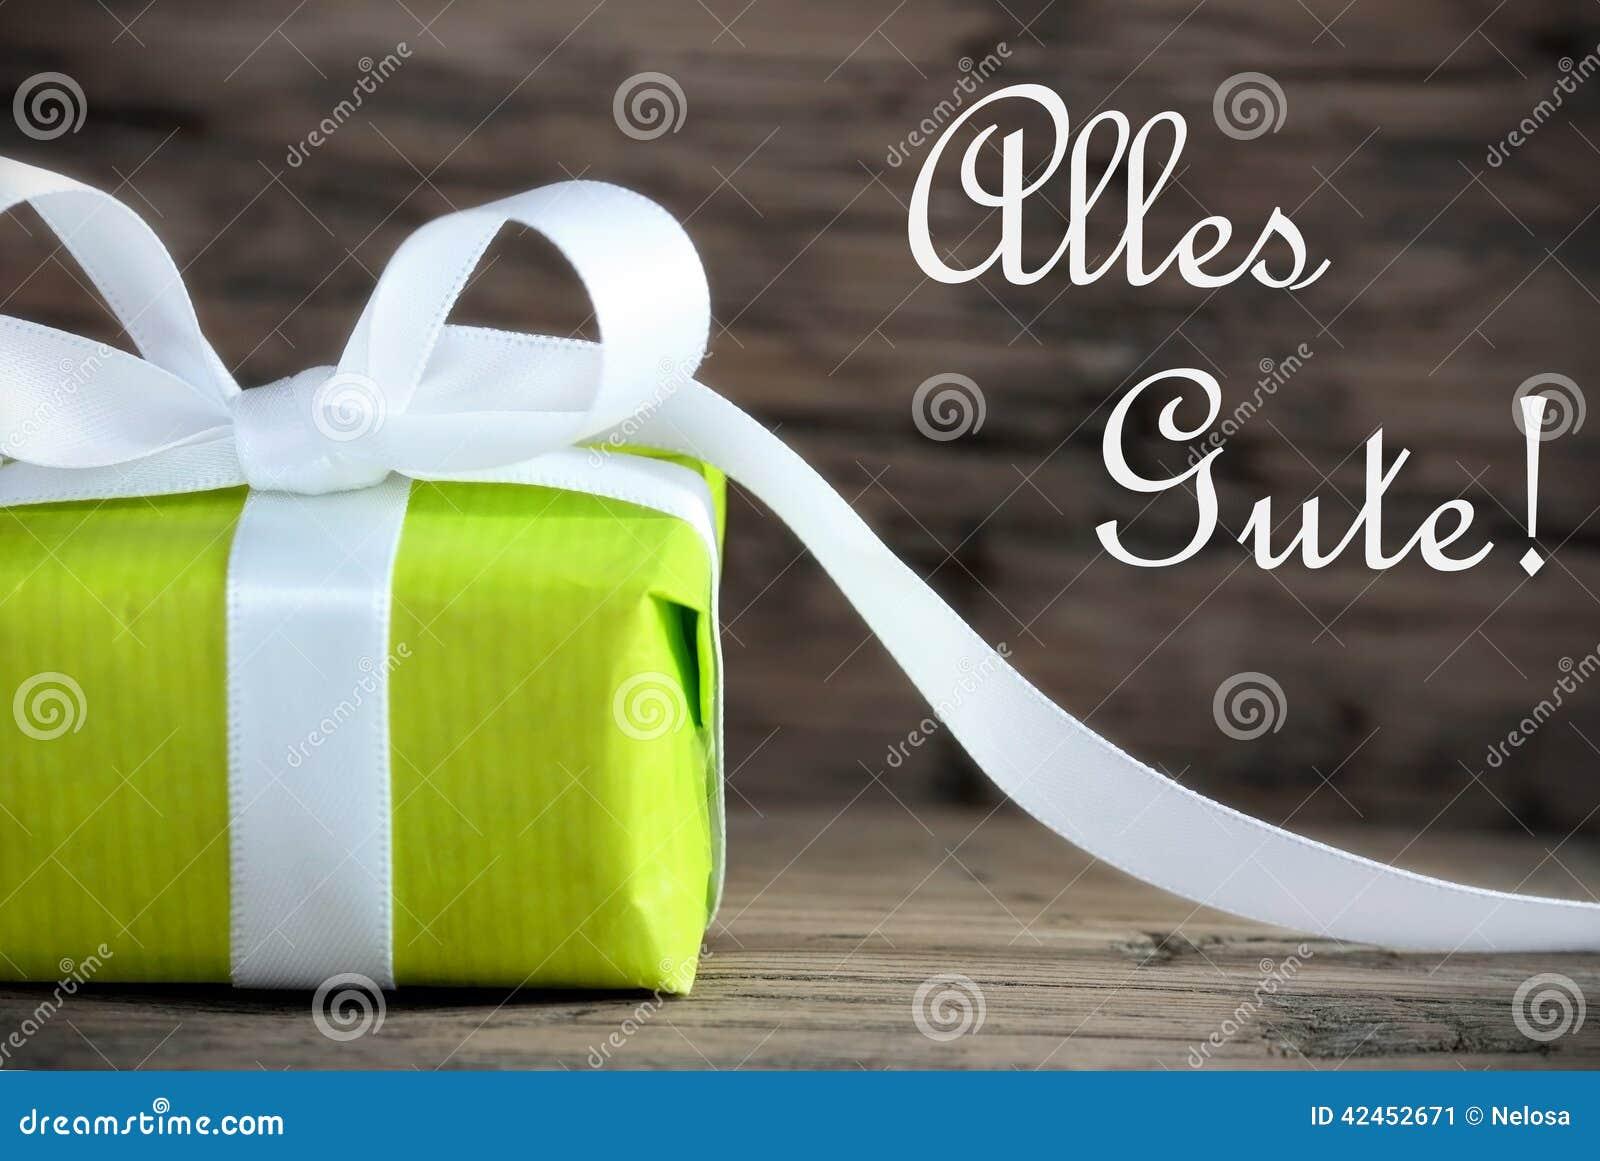 Geschenk mit Alles Gute